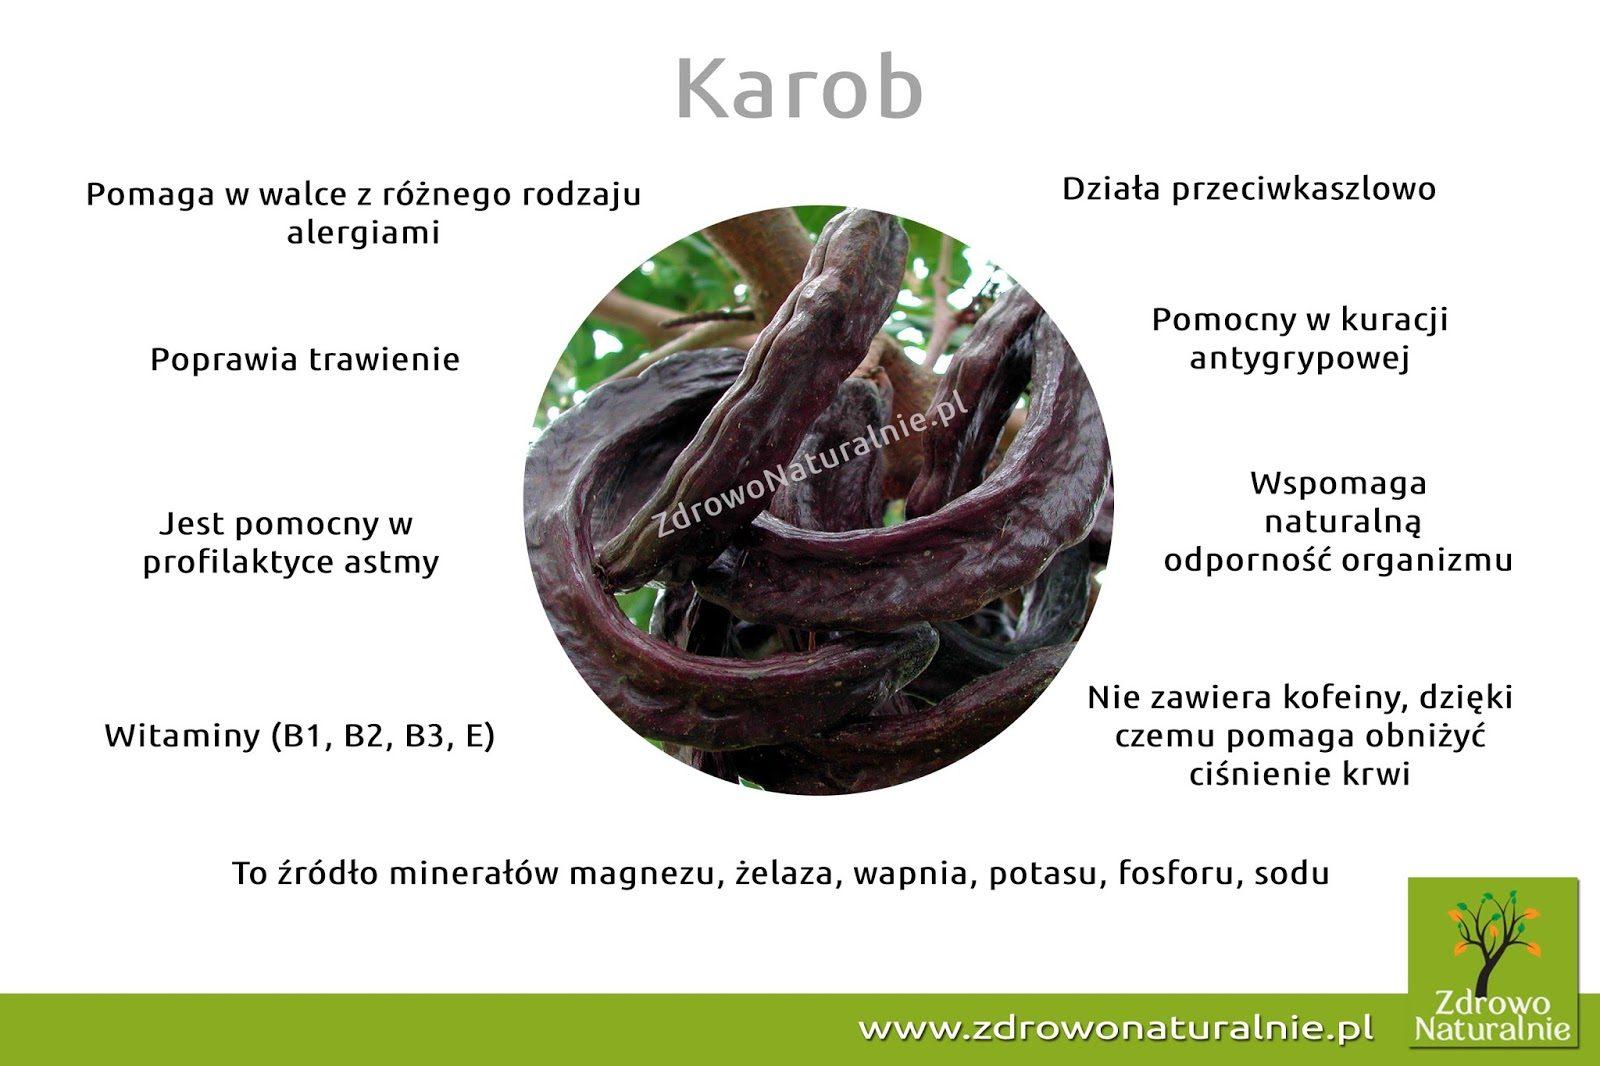 karob-9452507